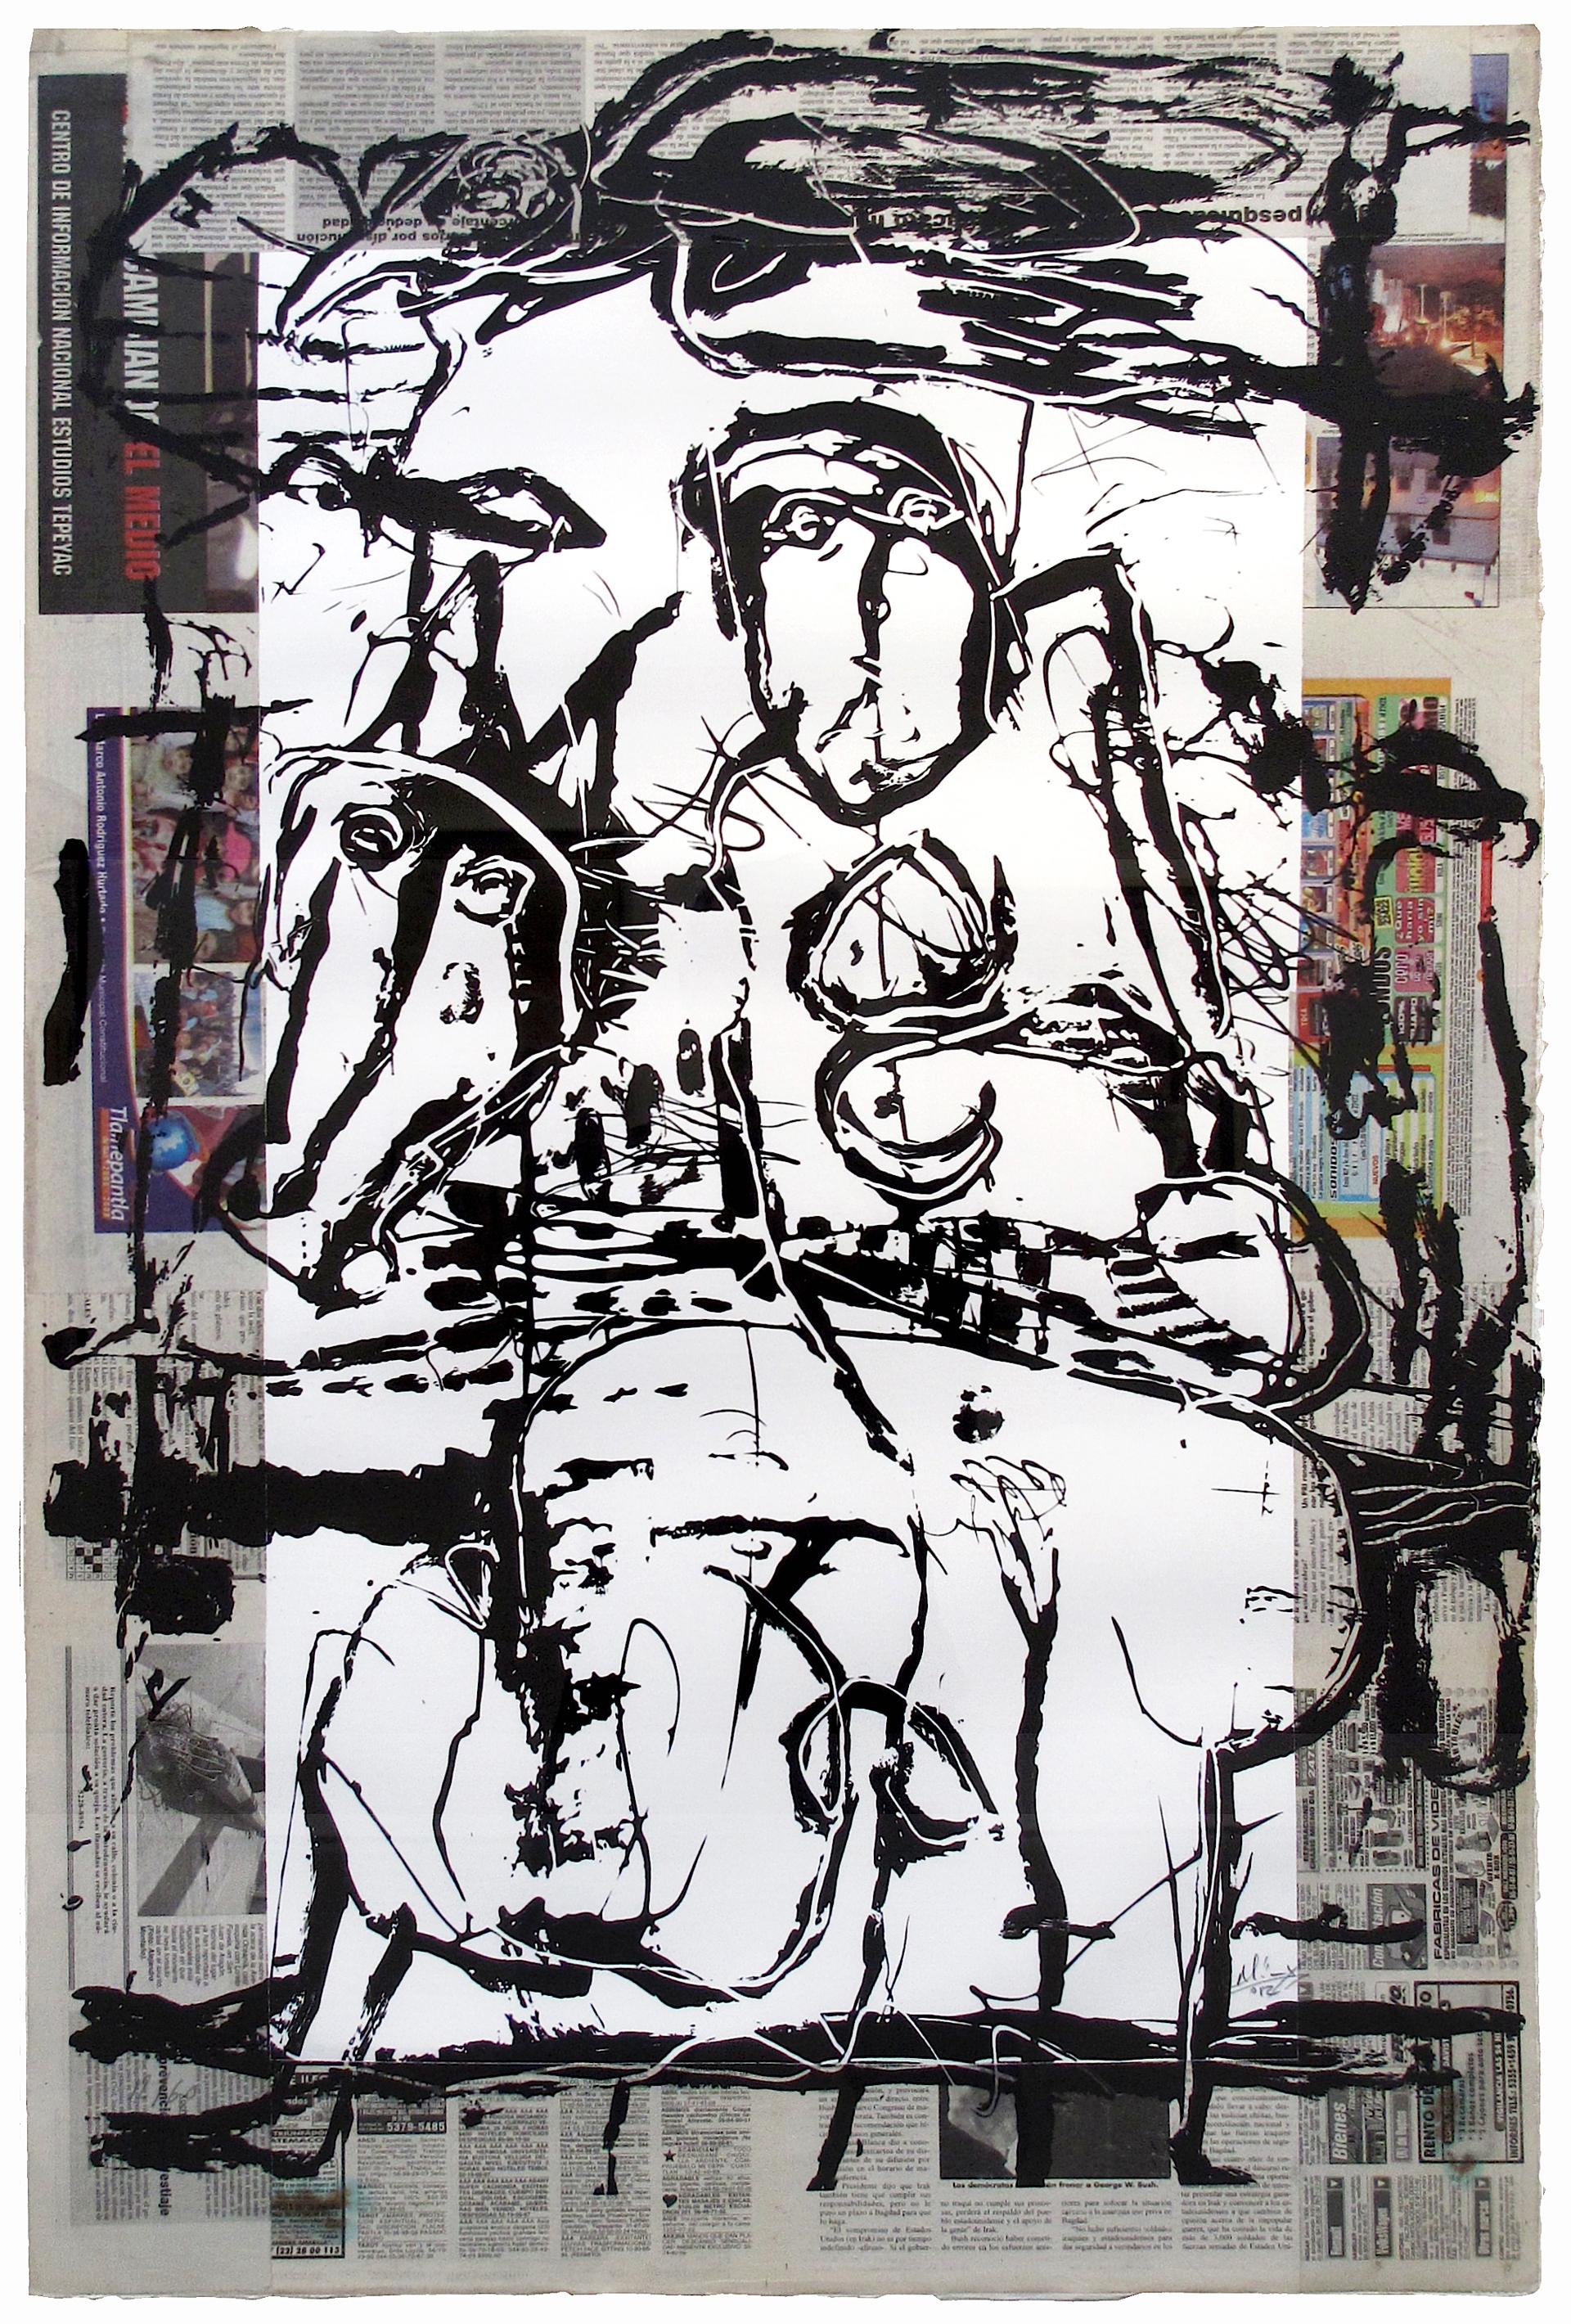 Untitled (Rejoneador) by Alejandro Santiago